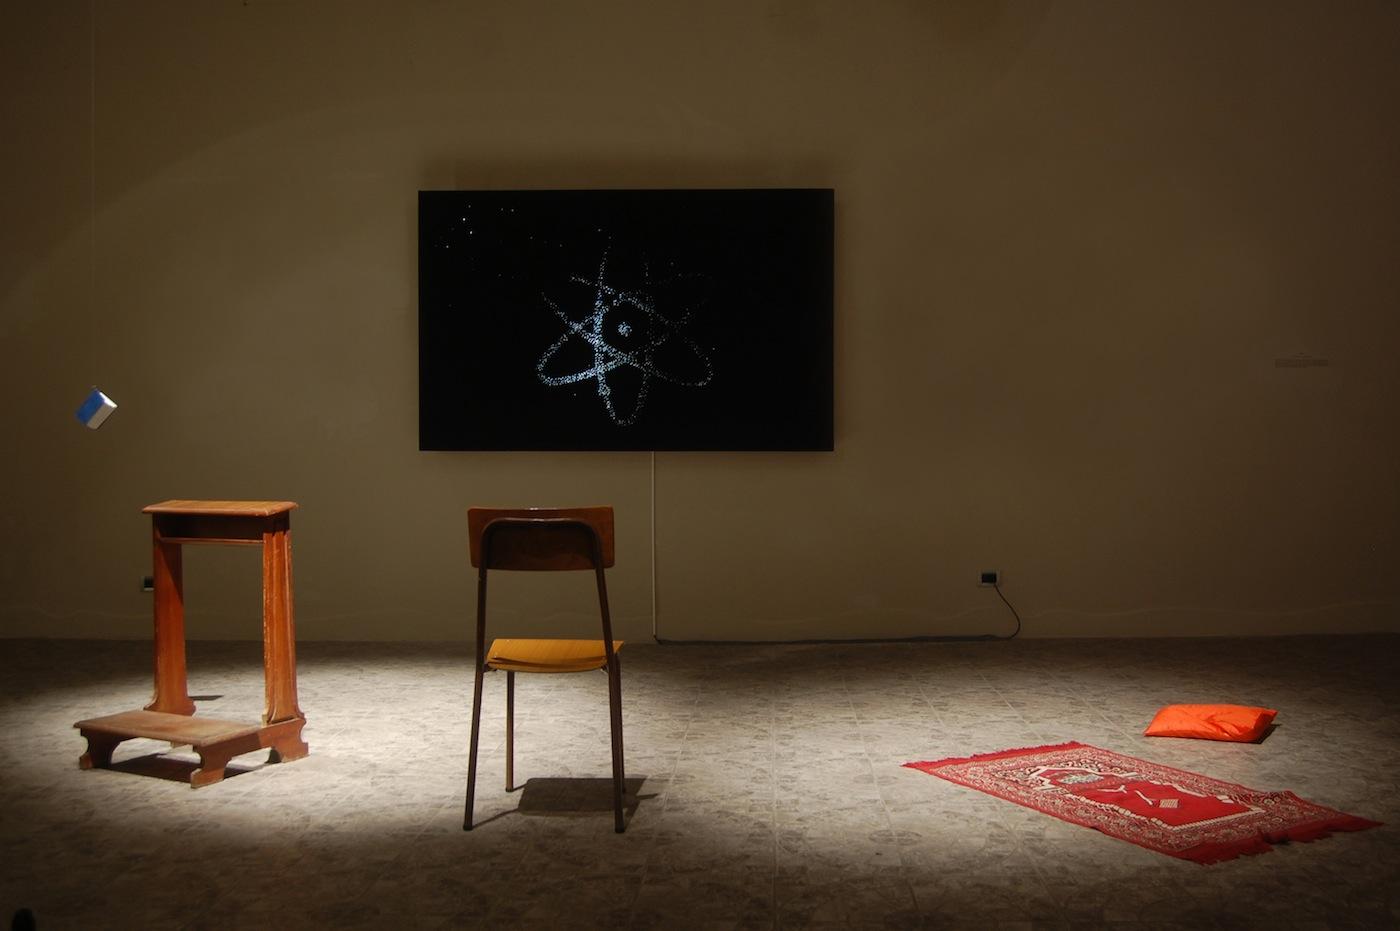 Alessandro Lupi, Uno, installazione interattiva, 2013, tecnica mista, dimensioni variabili. Veduta della mostra. Courtesy Guidi & Schoen, Genova